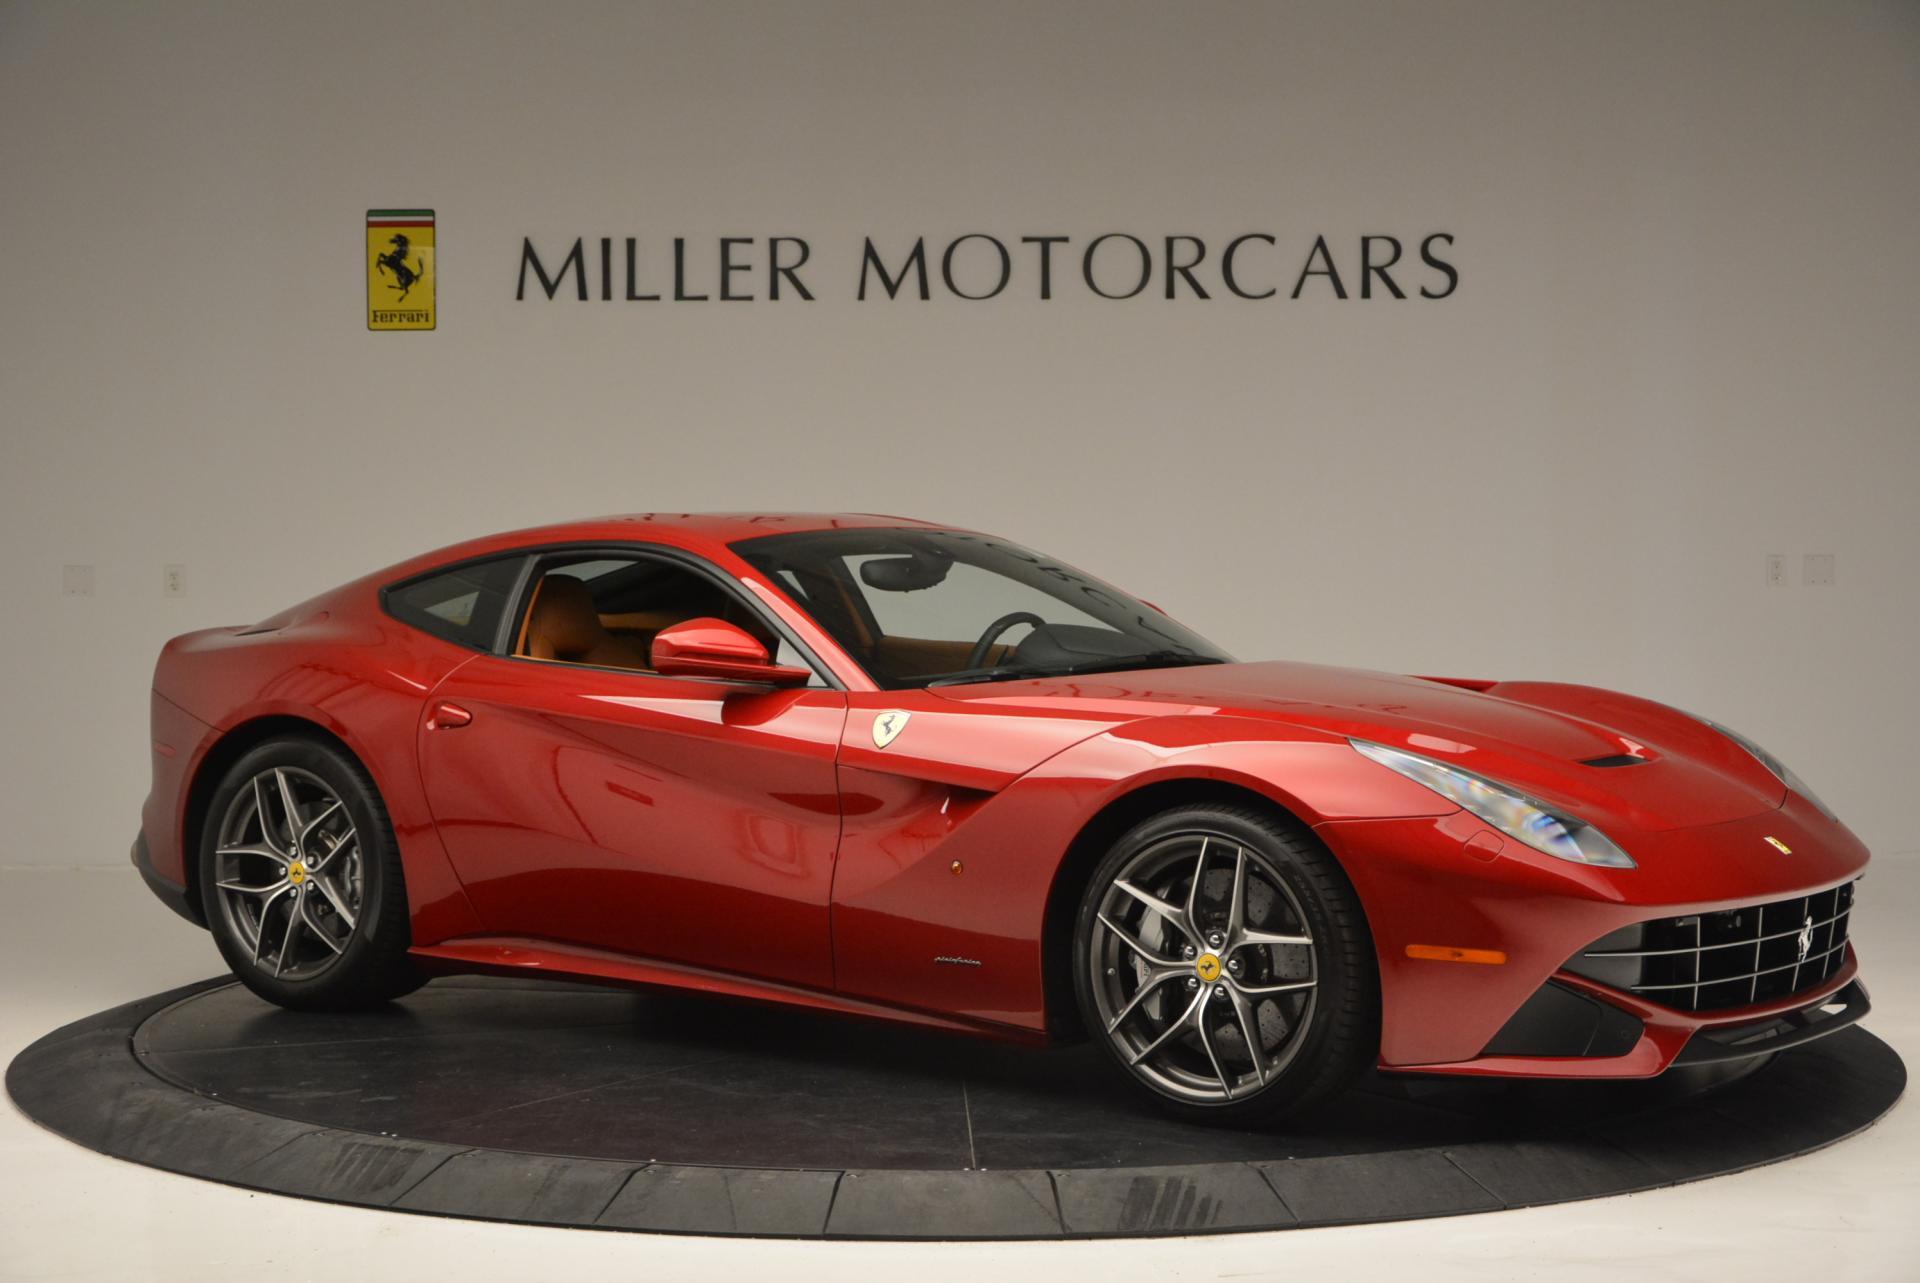 Used 2014 Ferrari F12 Berlinetta  For Sale In Greenwich, CT. Alfa Romeo of Greenwich, 4393 149_p10